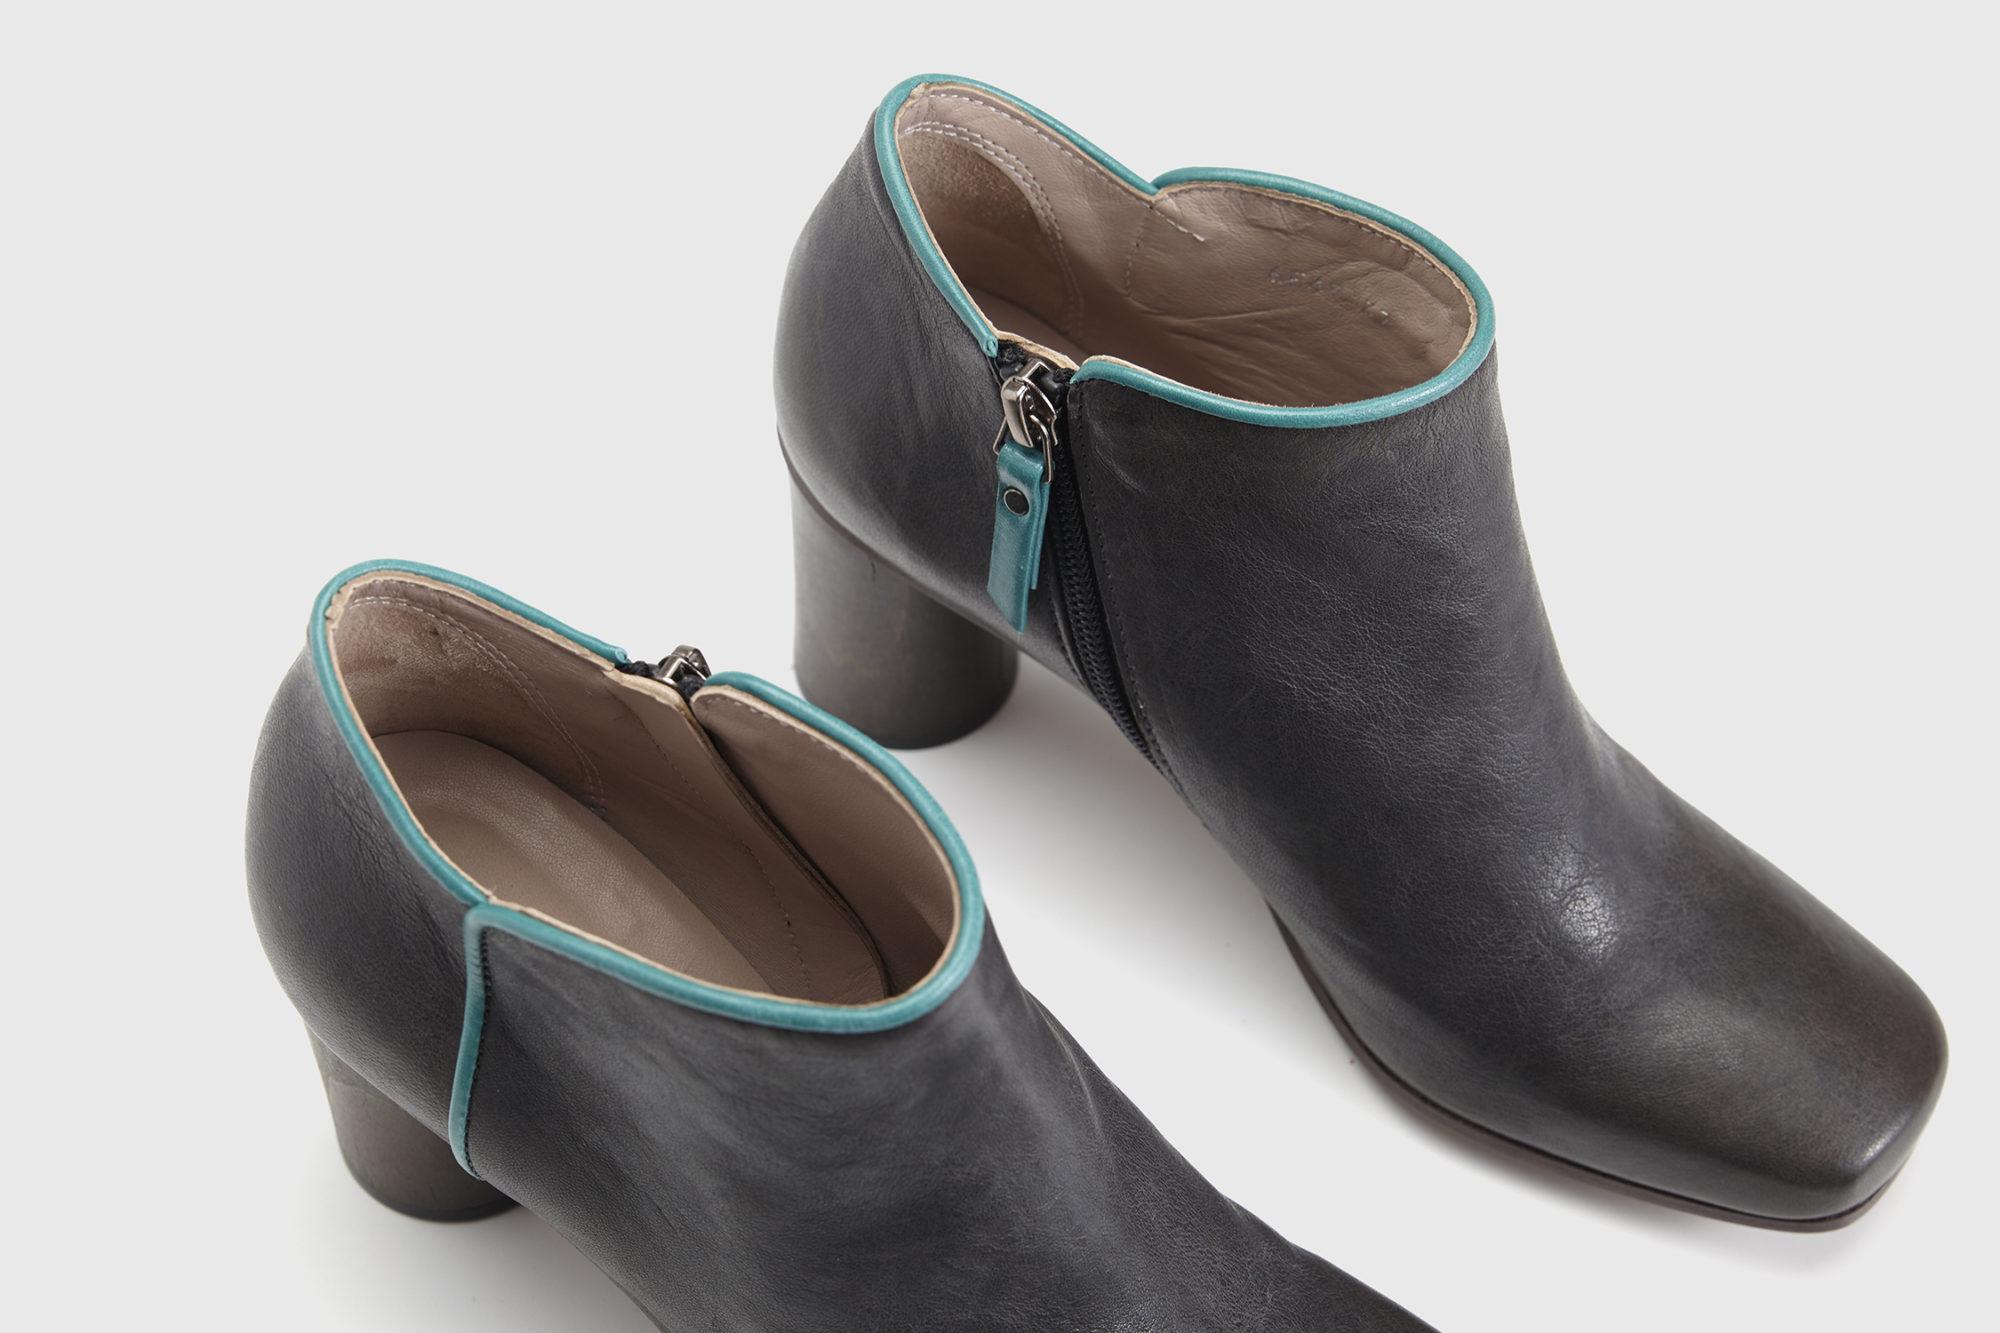 Dorotea zapato abotinado Zoe gris asfalto ss17 detalle